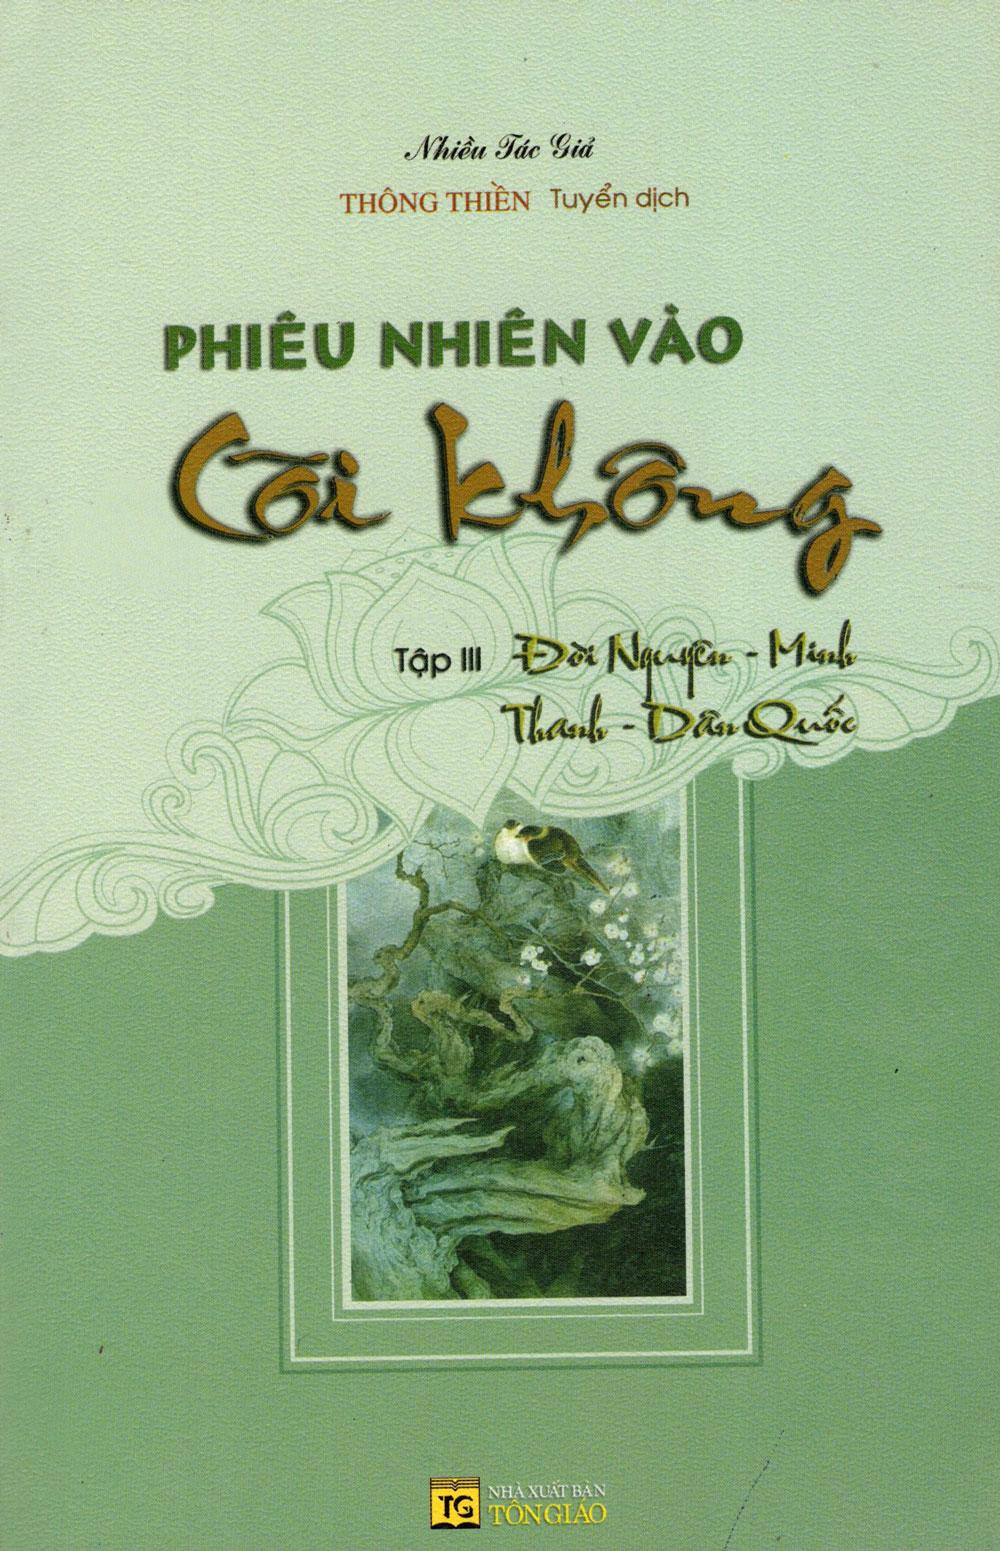 Phiêu Nhiên Vào Cõi Không (Tập III): Đời Nguyên - Minh Thanh - Dân Quốc